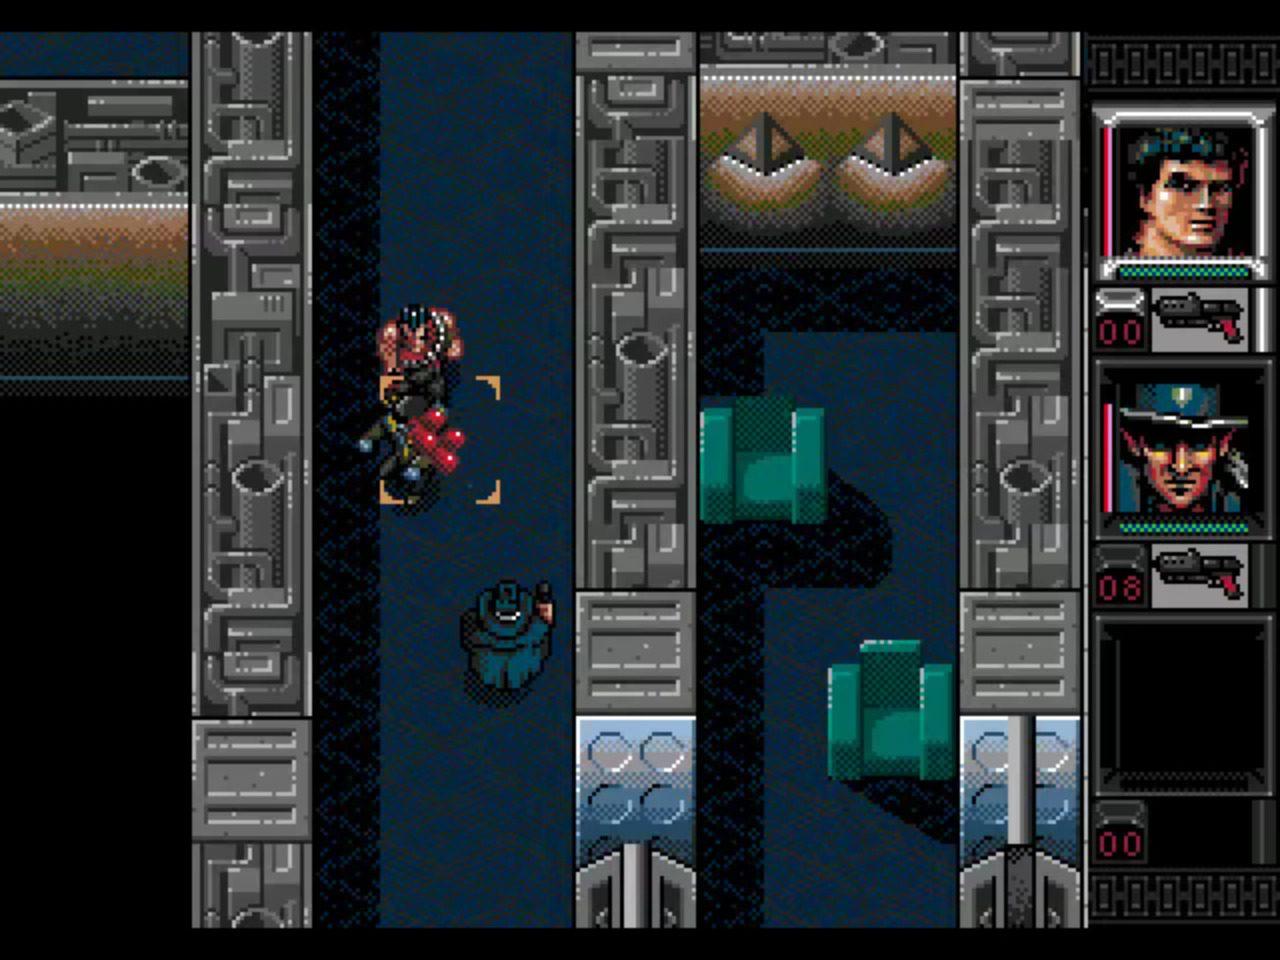 Two guys fighting a guard in Shadowrun Genesis